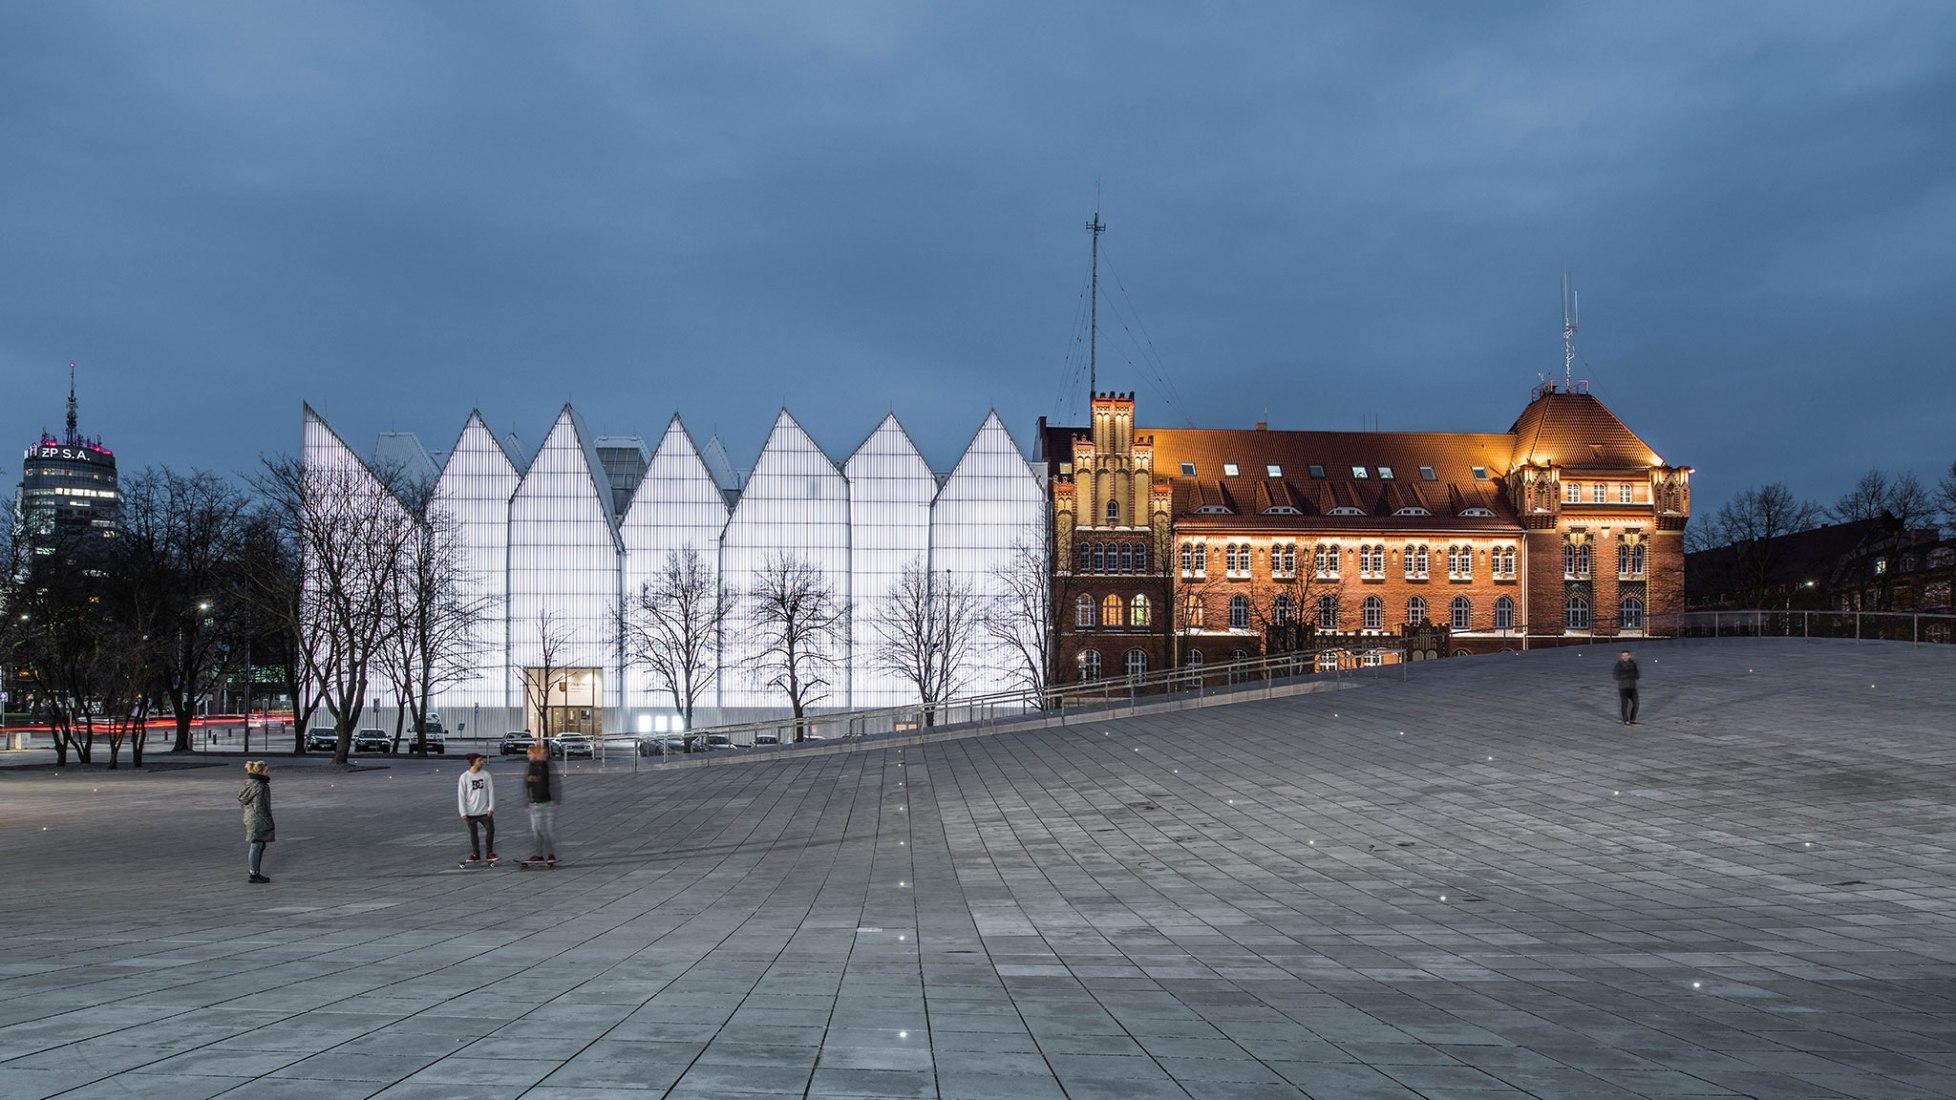 National museum in Szczecin by Robert Konieczny - KWK Promes. Photograph © Juliusz-Sokolowski. Image courtesy of WAF.